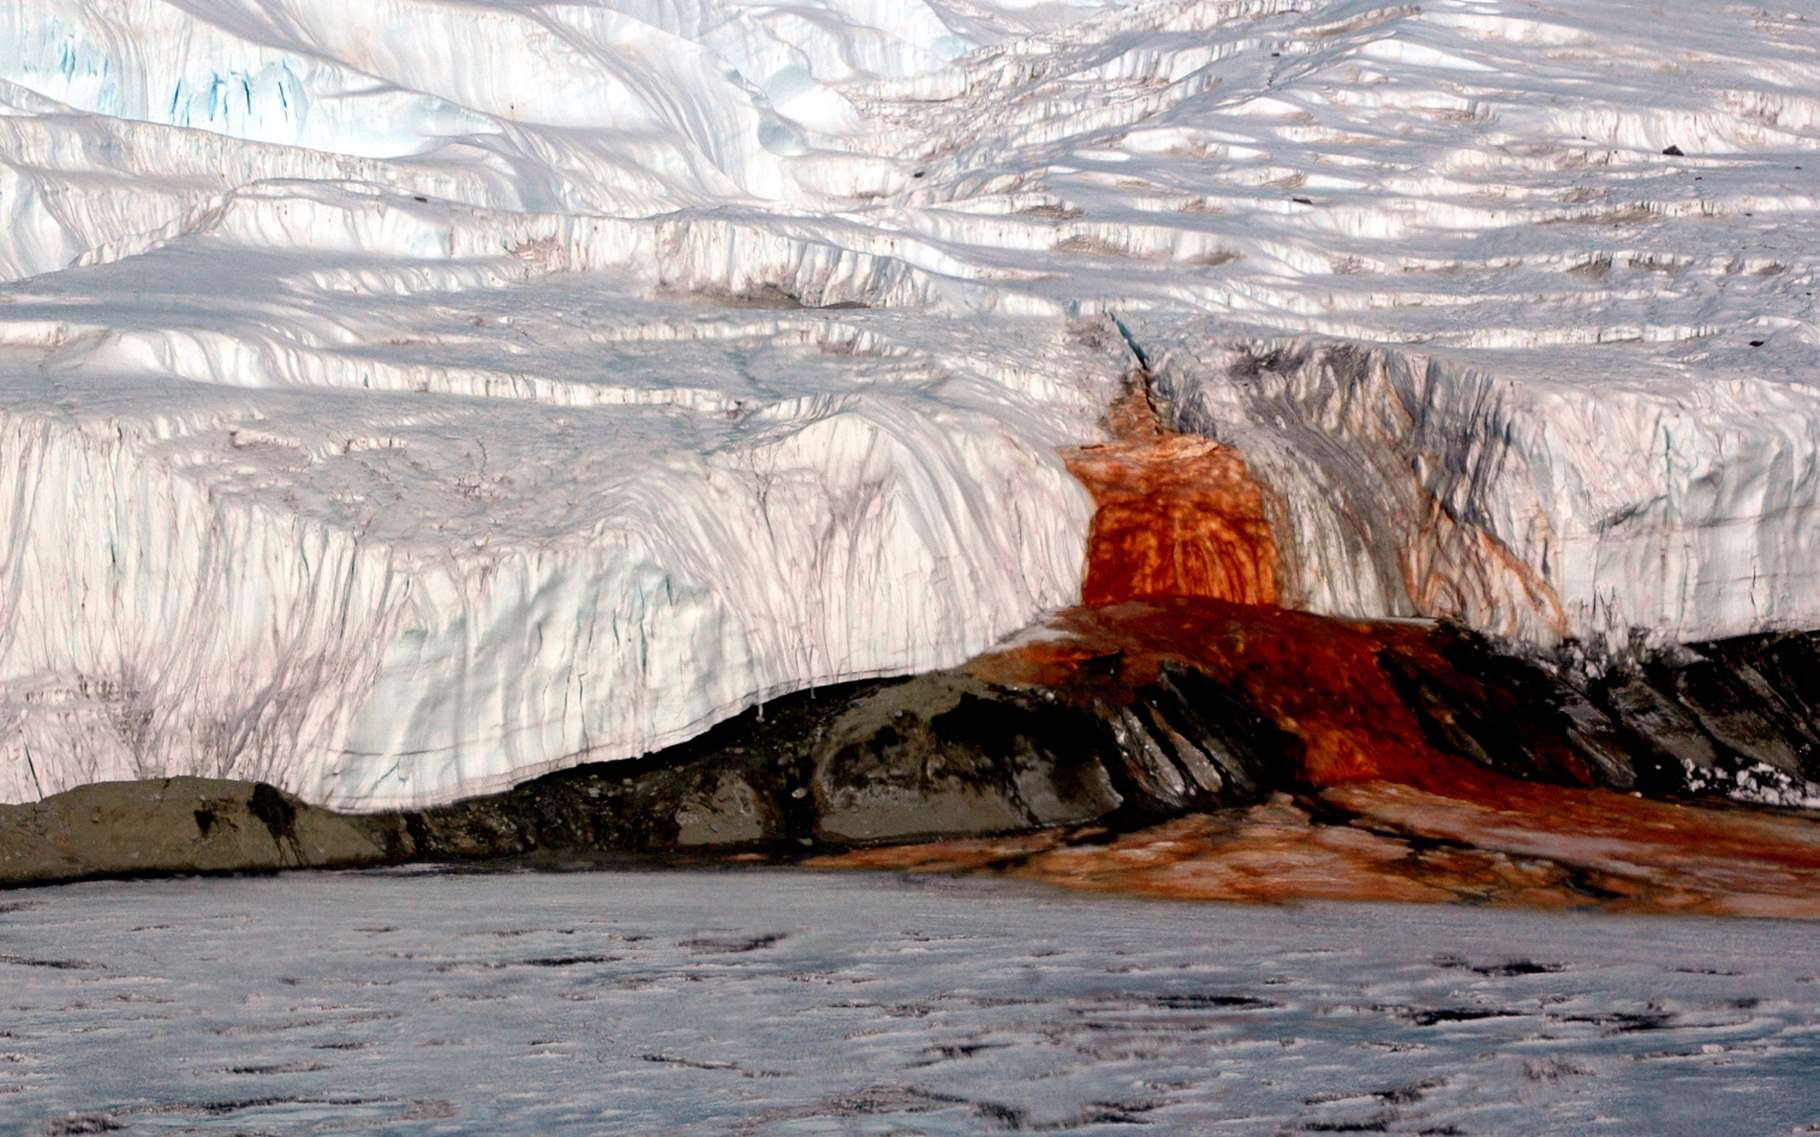 Les écoulements d'eau rouge du glacier Taylor. Source Commons